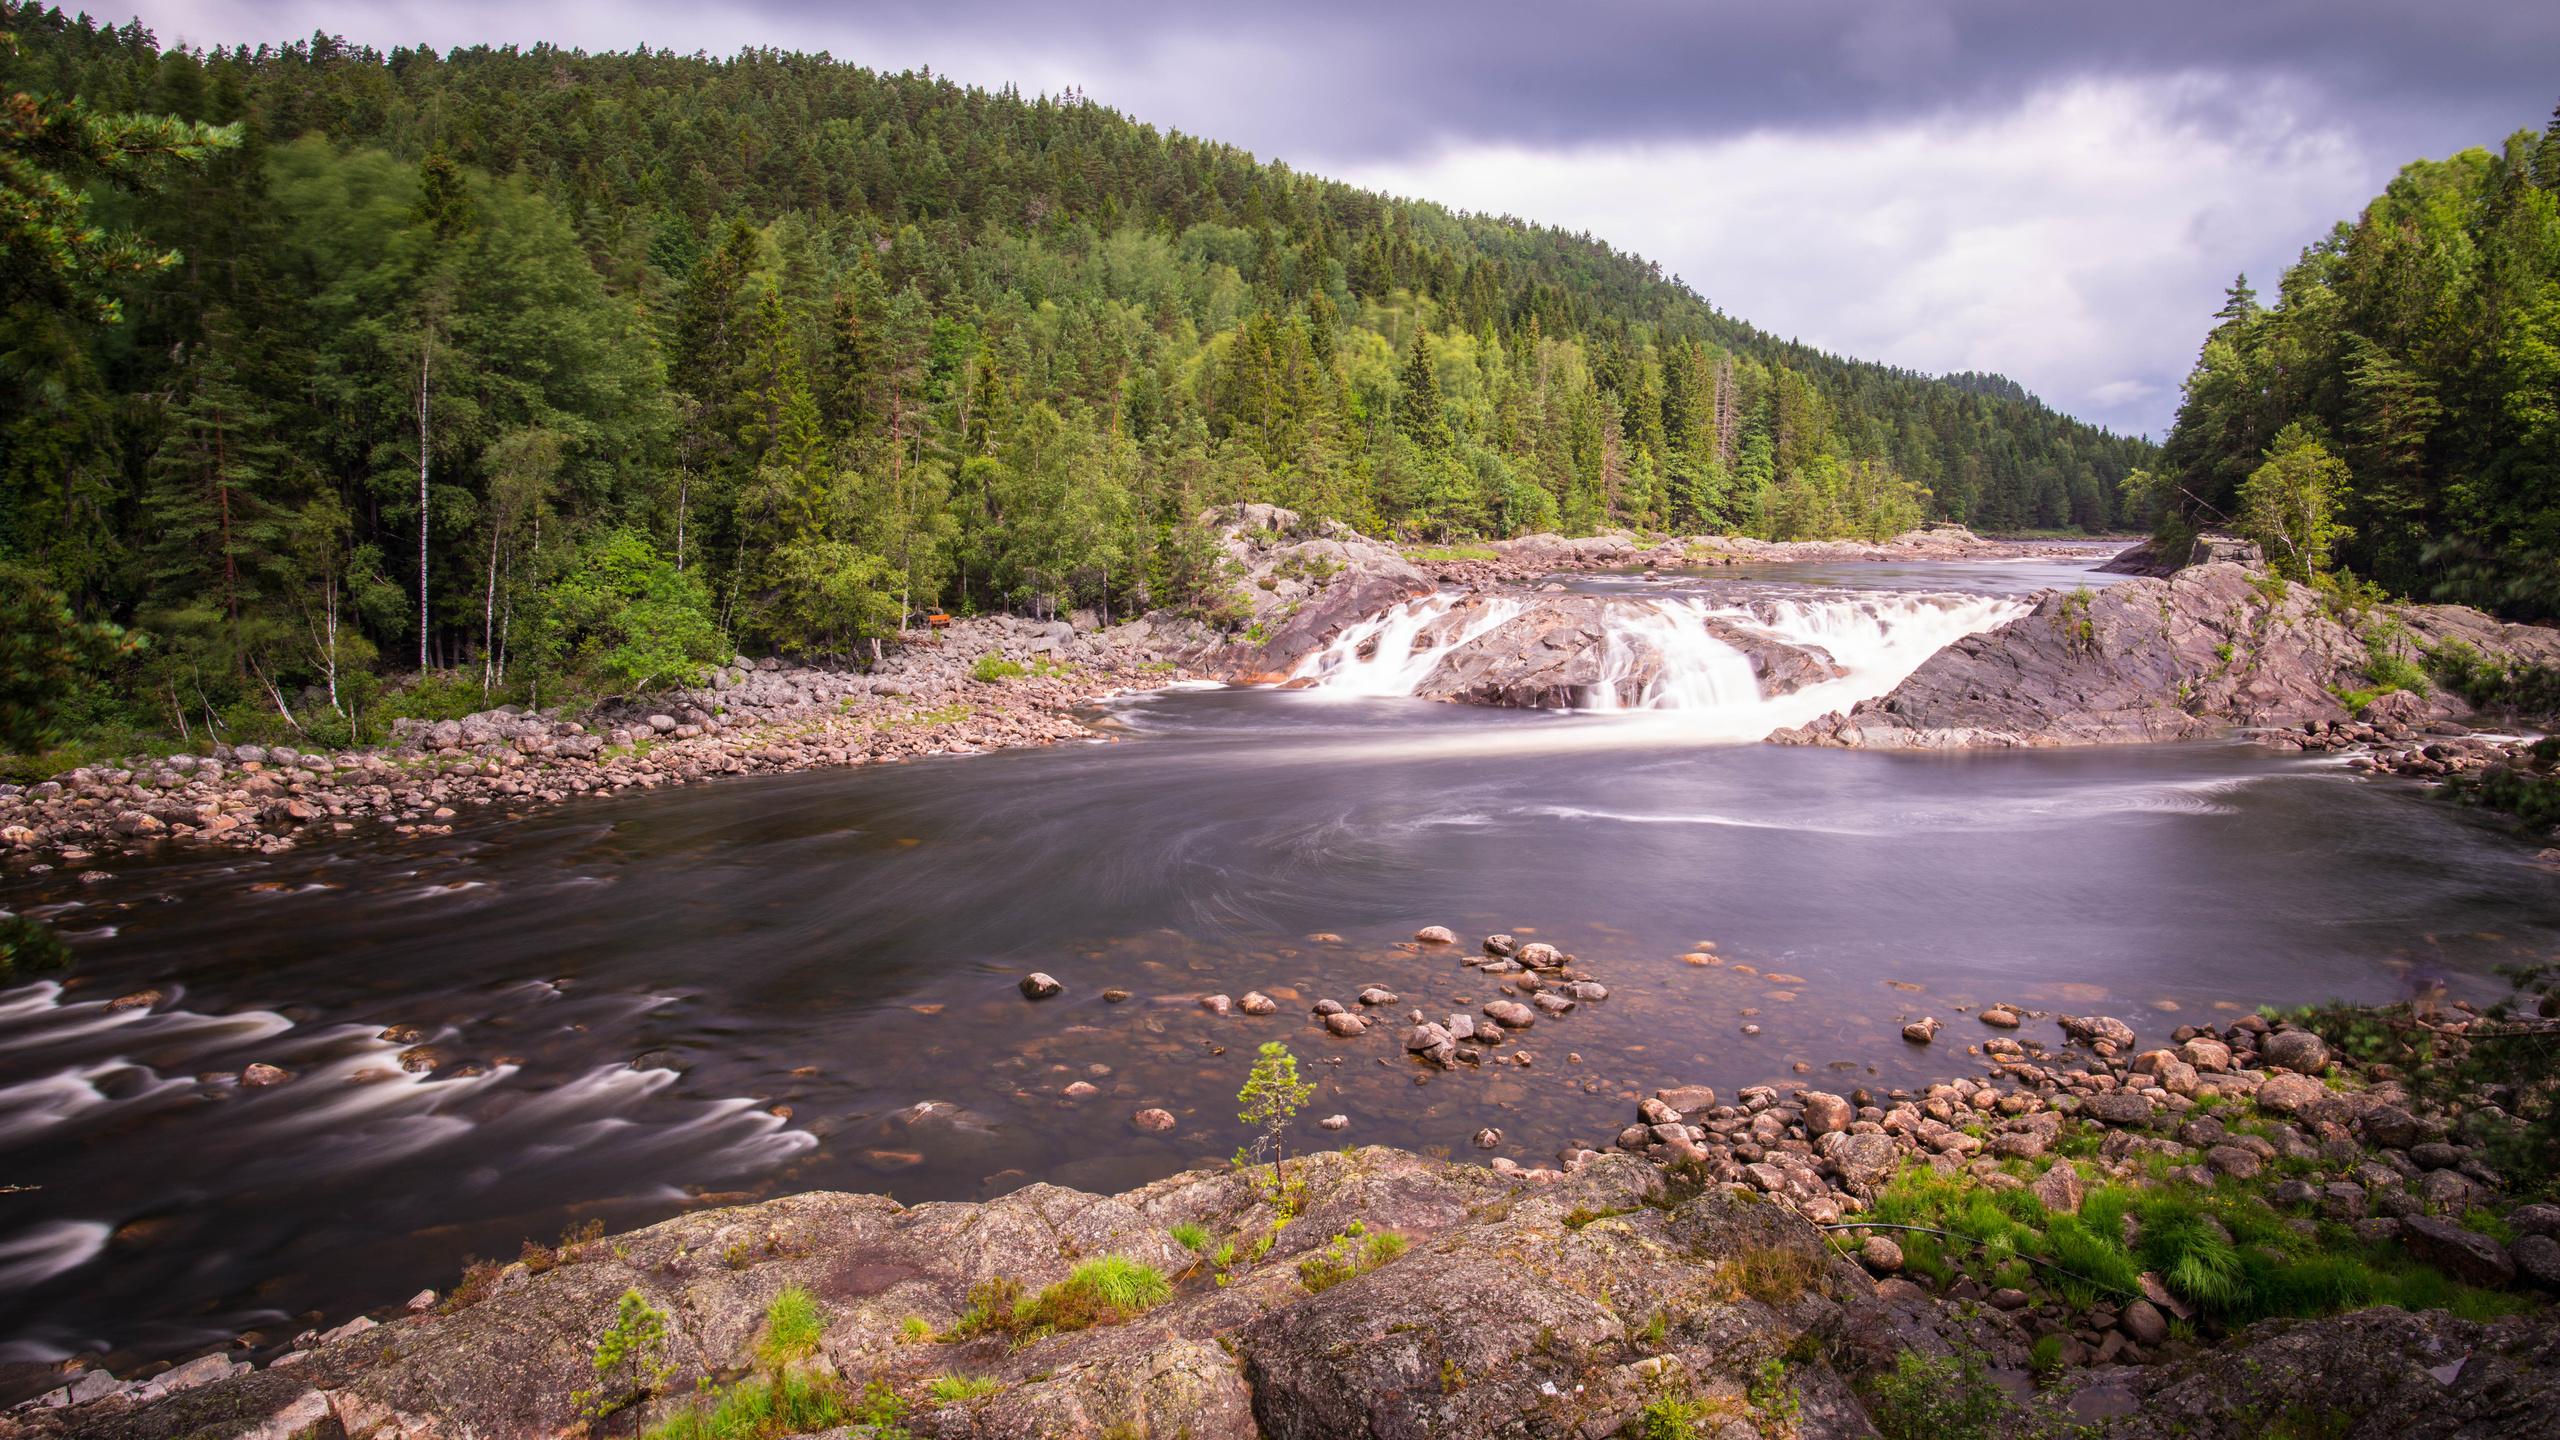 река, лес, деревья, камни, поток, небо